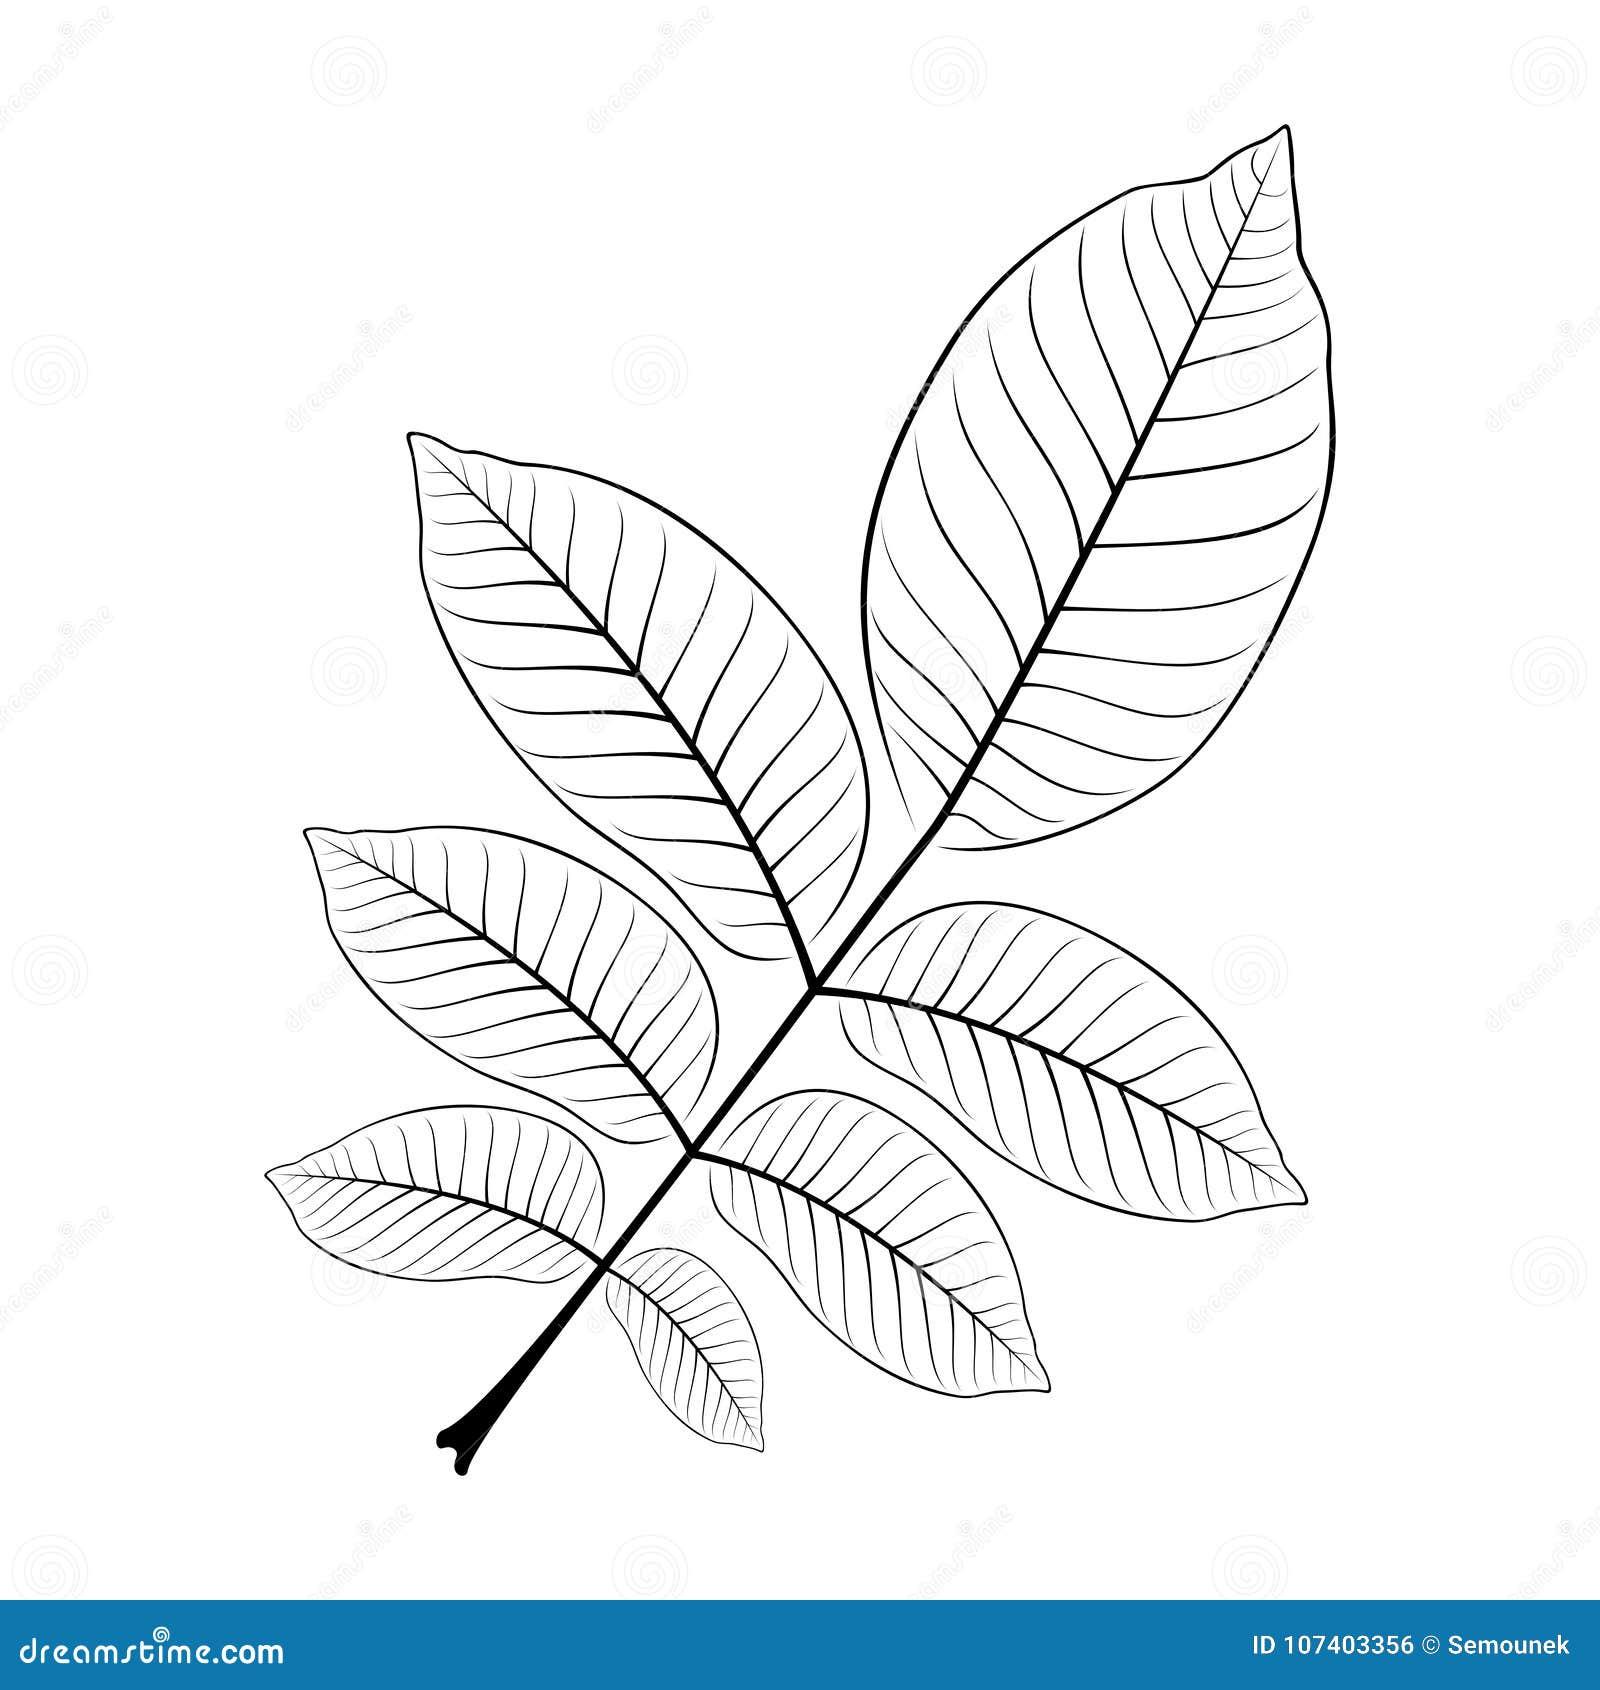 Zwart-witte vectorillustratie van een okkernootblad